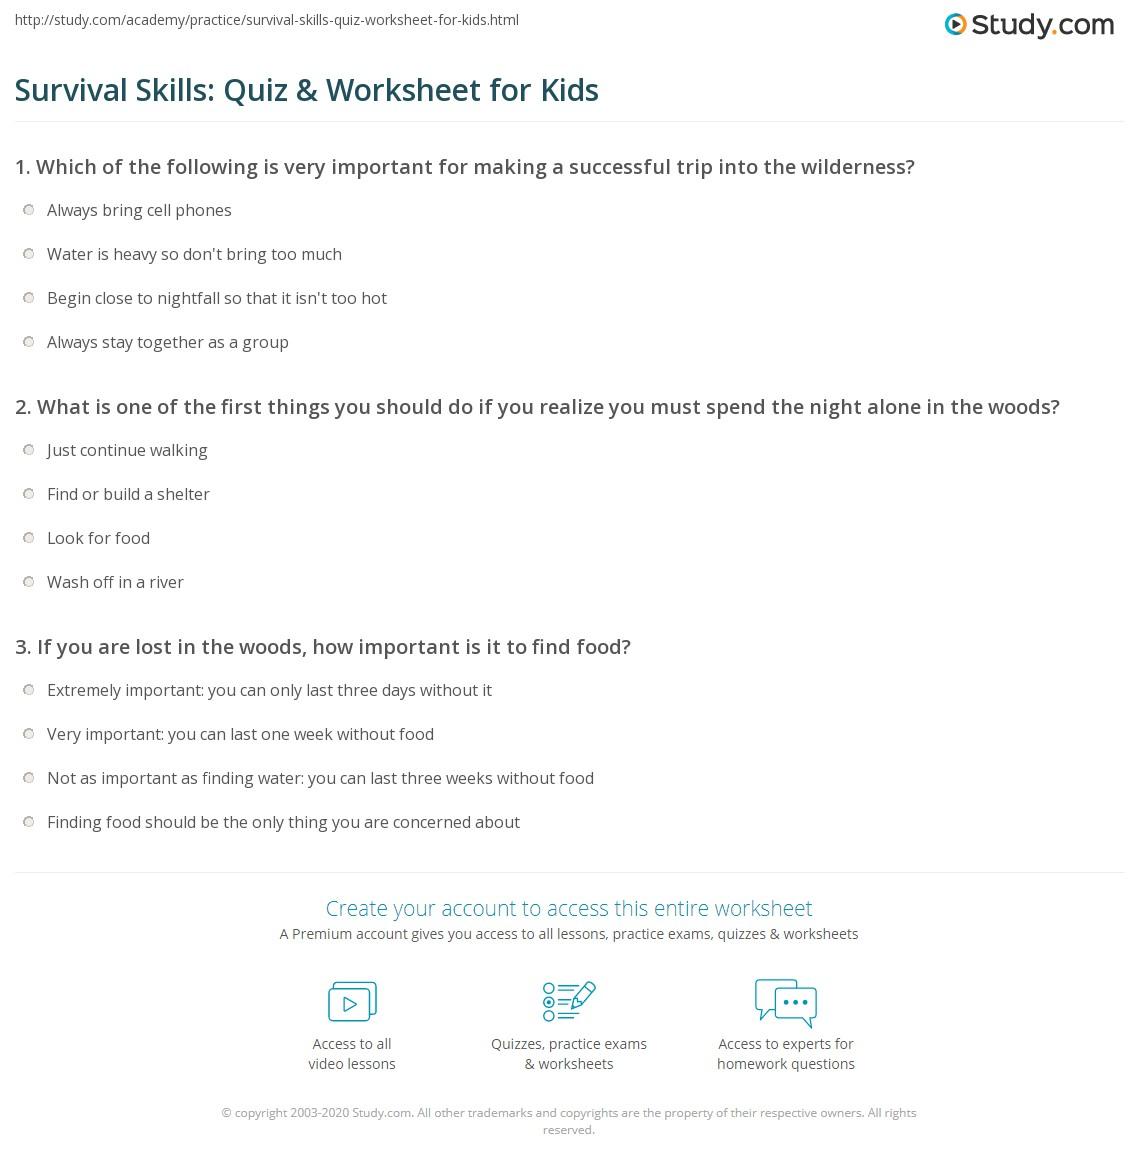 Survival Skills: Quiz & Worksheet for Kids | Study com